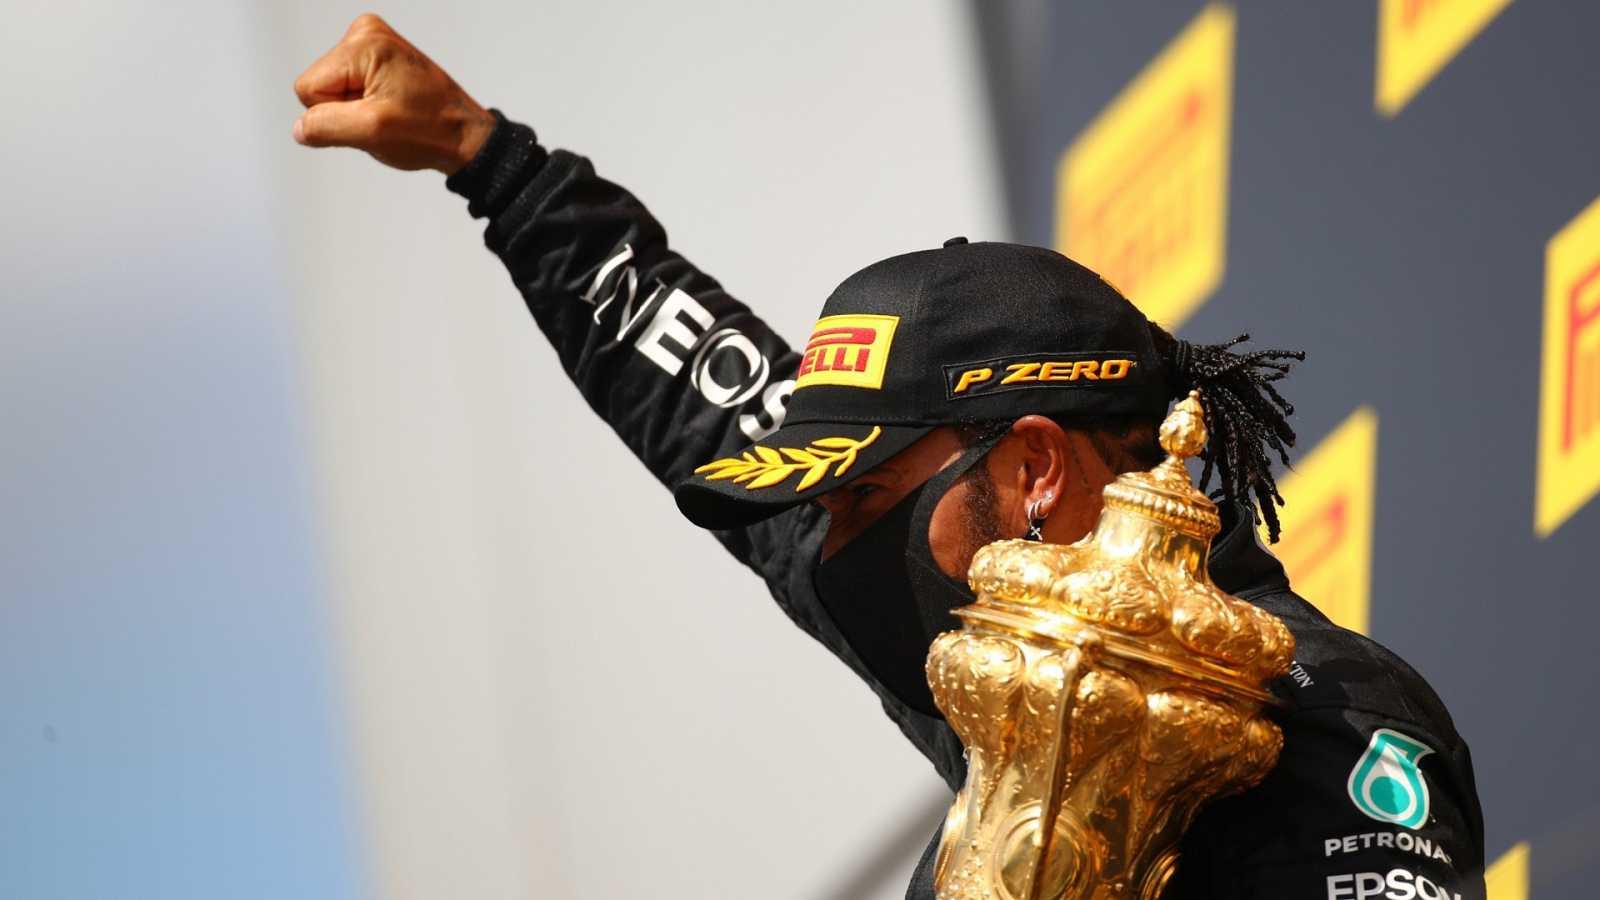 Imagen del piloto de Mercedes, Lewis Hamilton, tras ganar el GP de SIlverstone